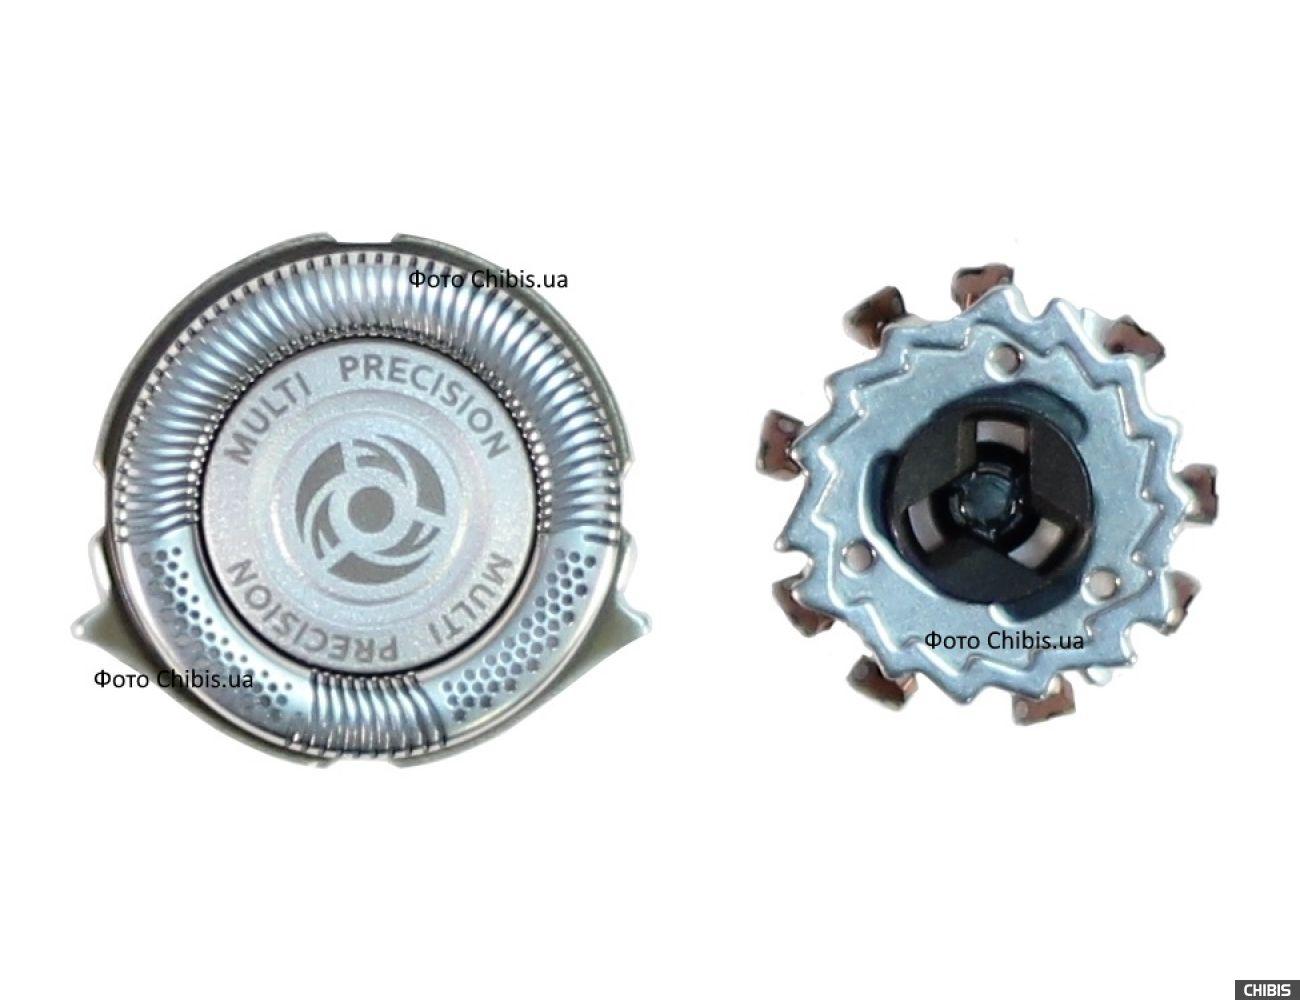 Бритвенные головки Philips SH50 1 шт